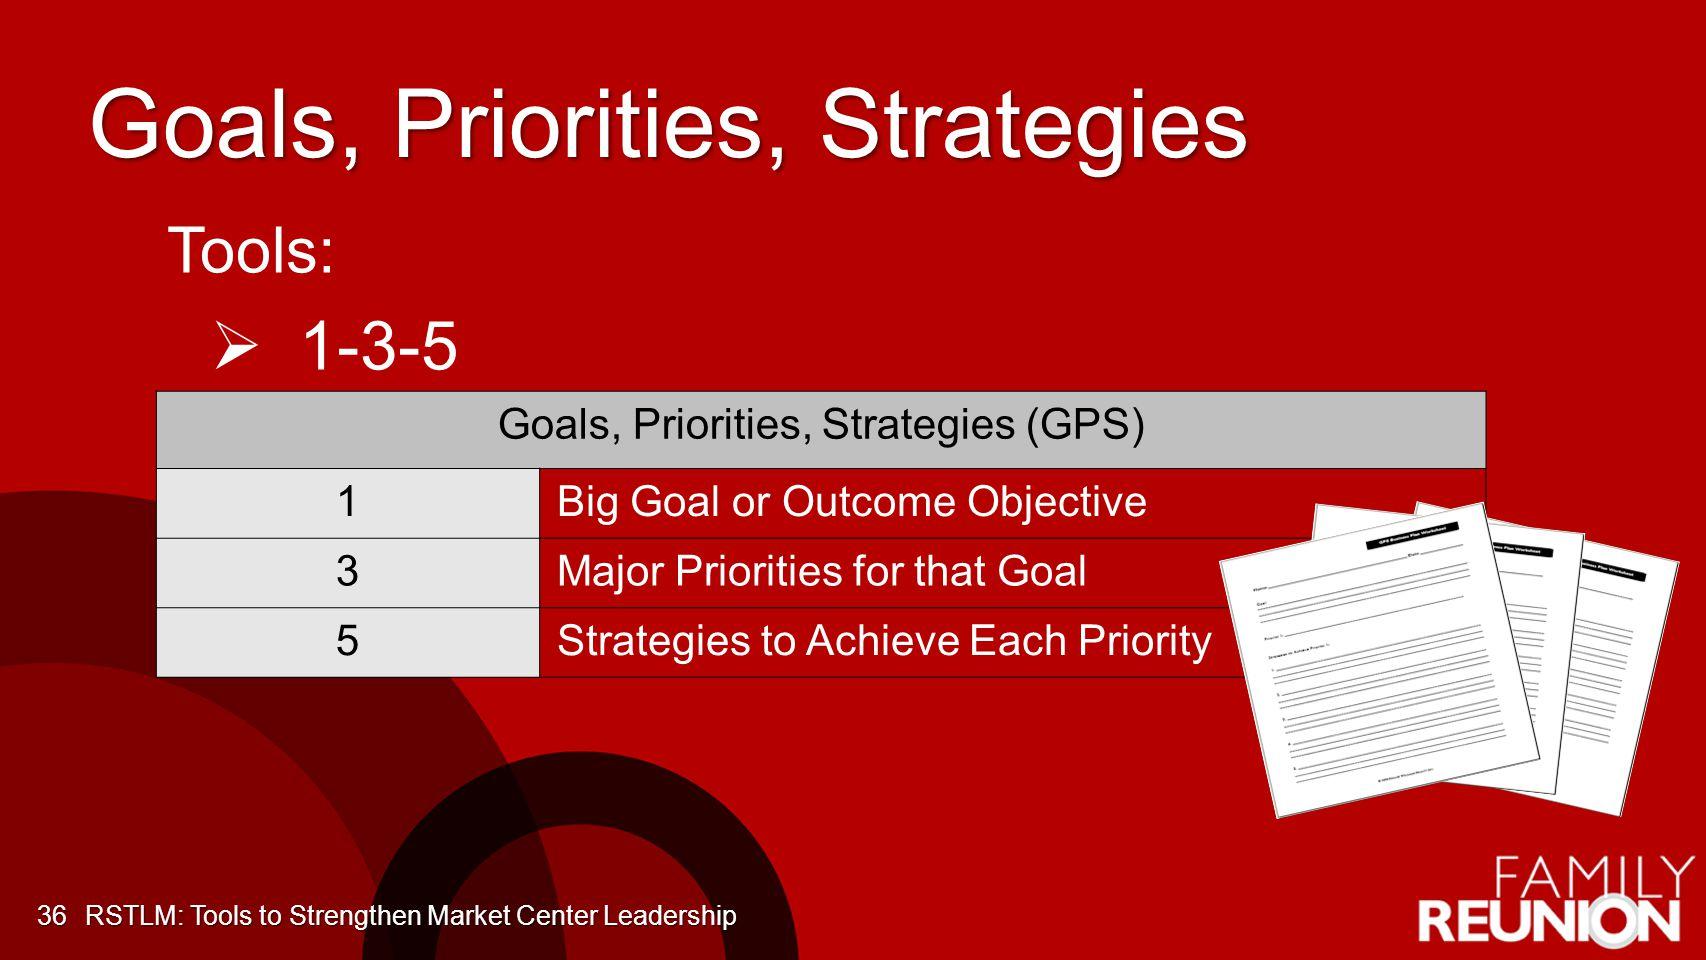 Goals, Priorities, Strategies